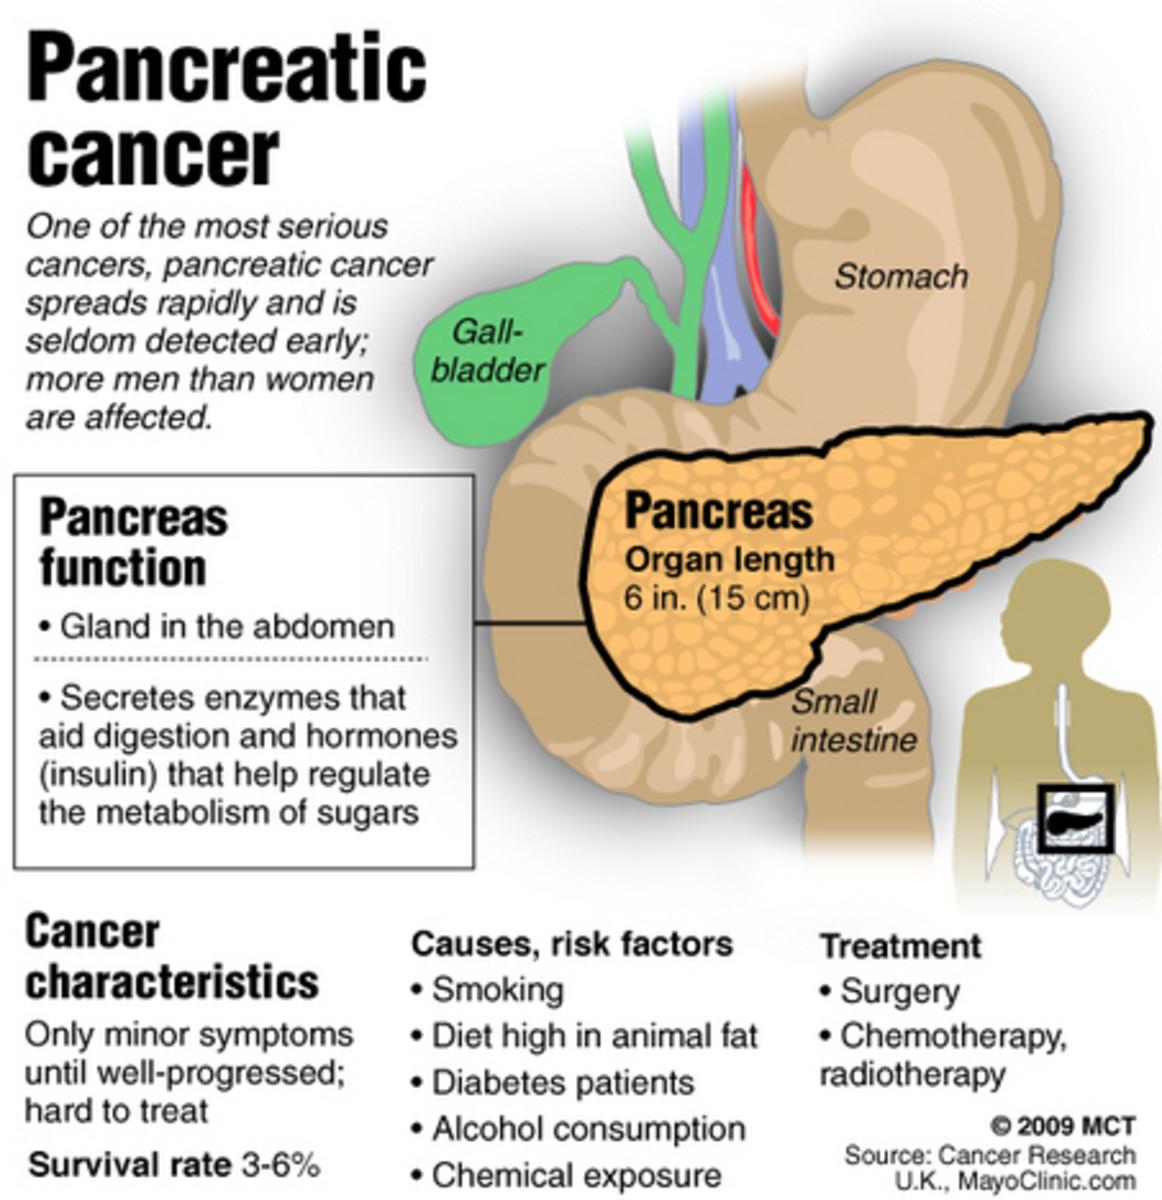 Explaining pancreatic cancer